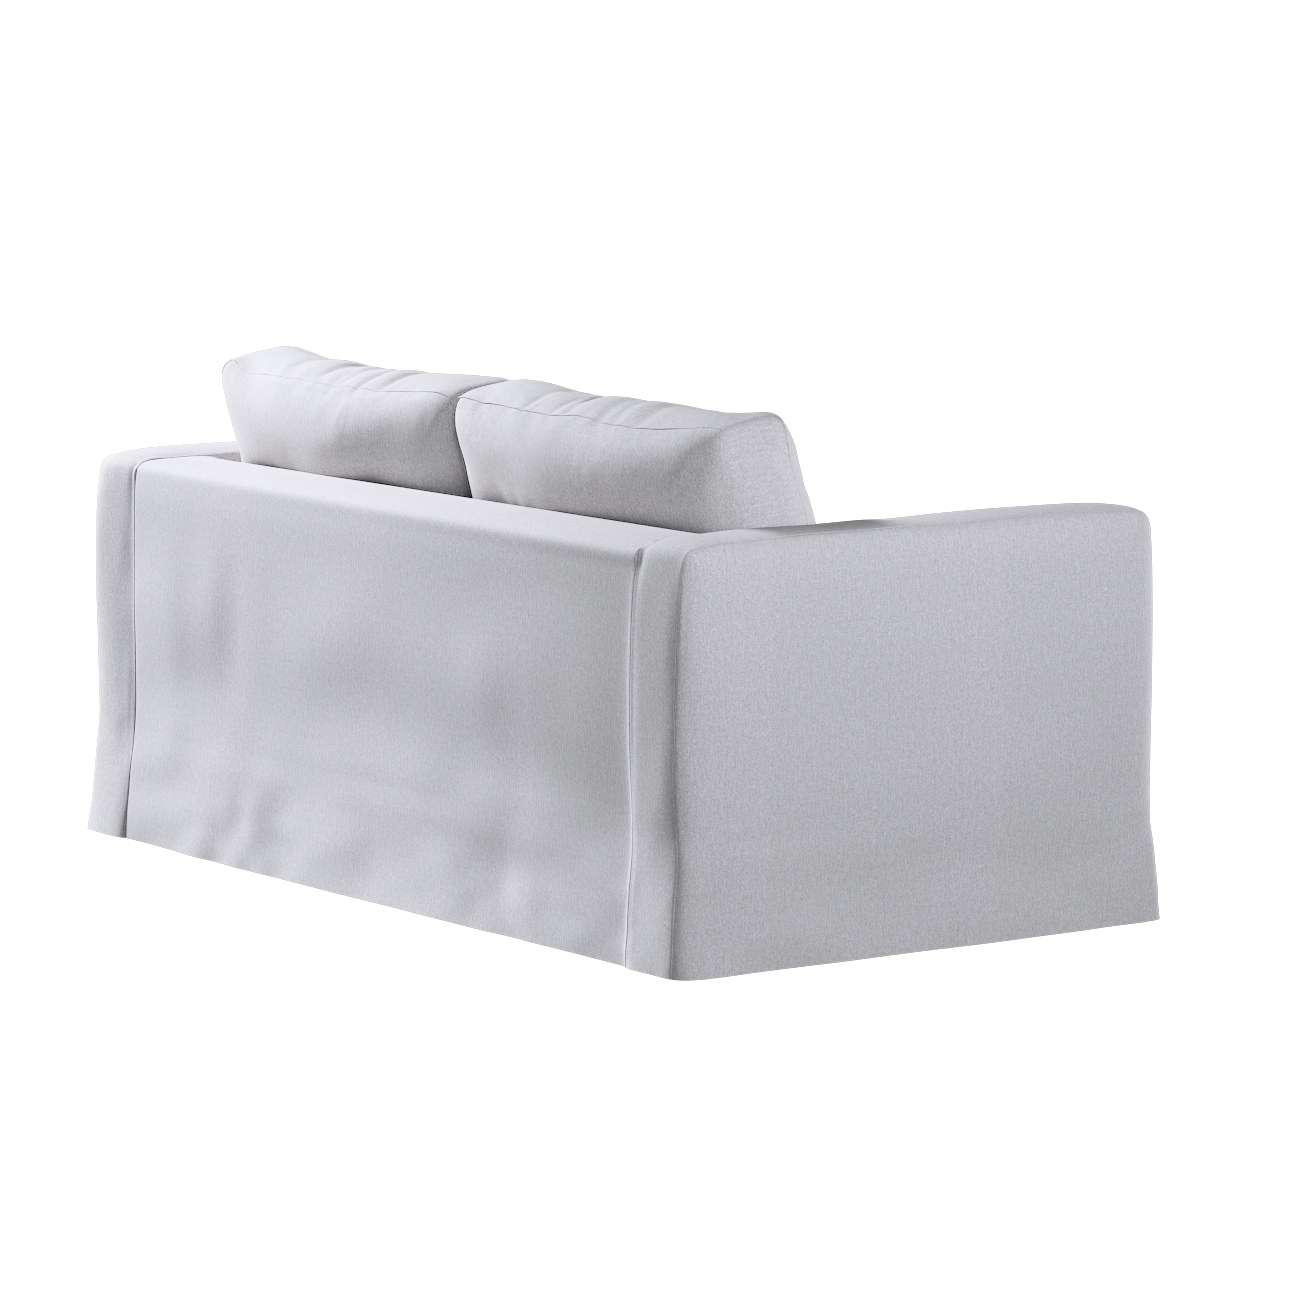 Pokrowiec na sofę Karlstad 2-osobową nierozkładaną długi w kolekcji Amsterdam, tkanina: 704-45